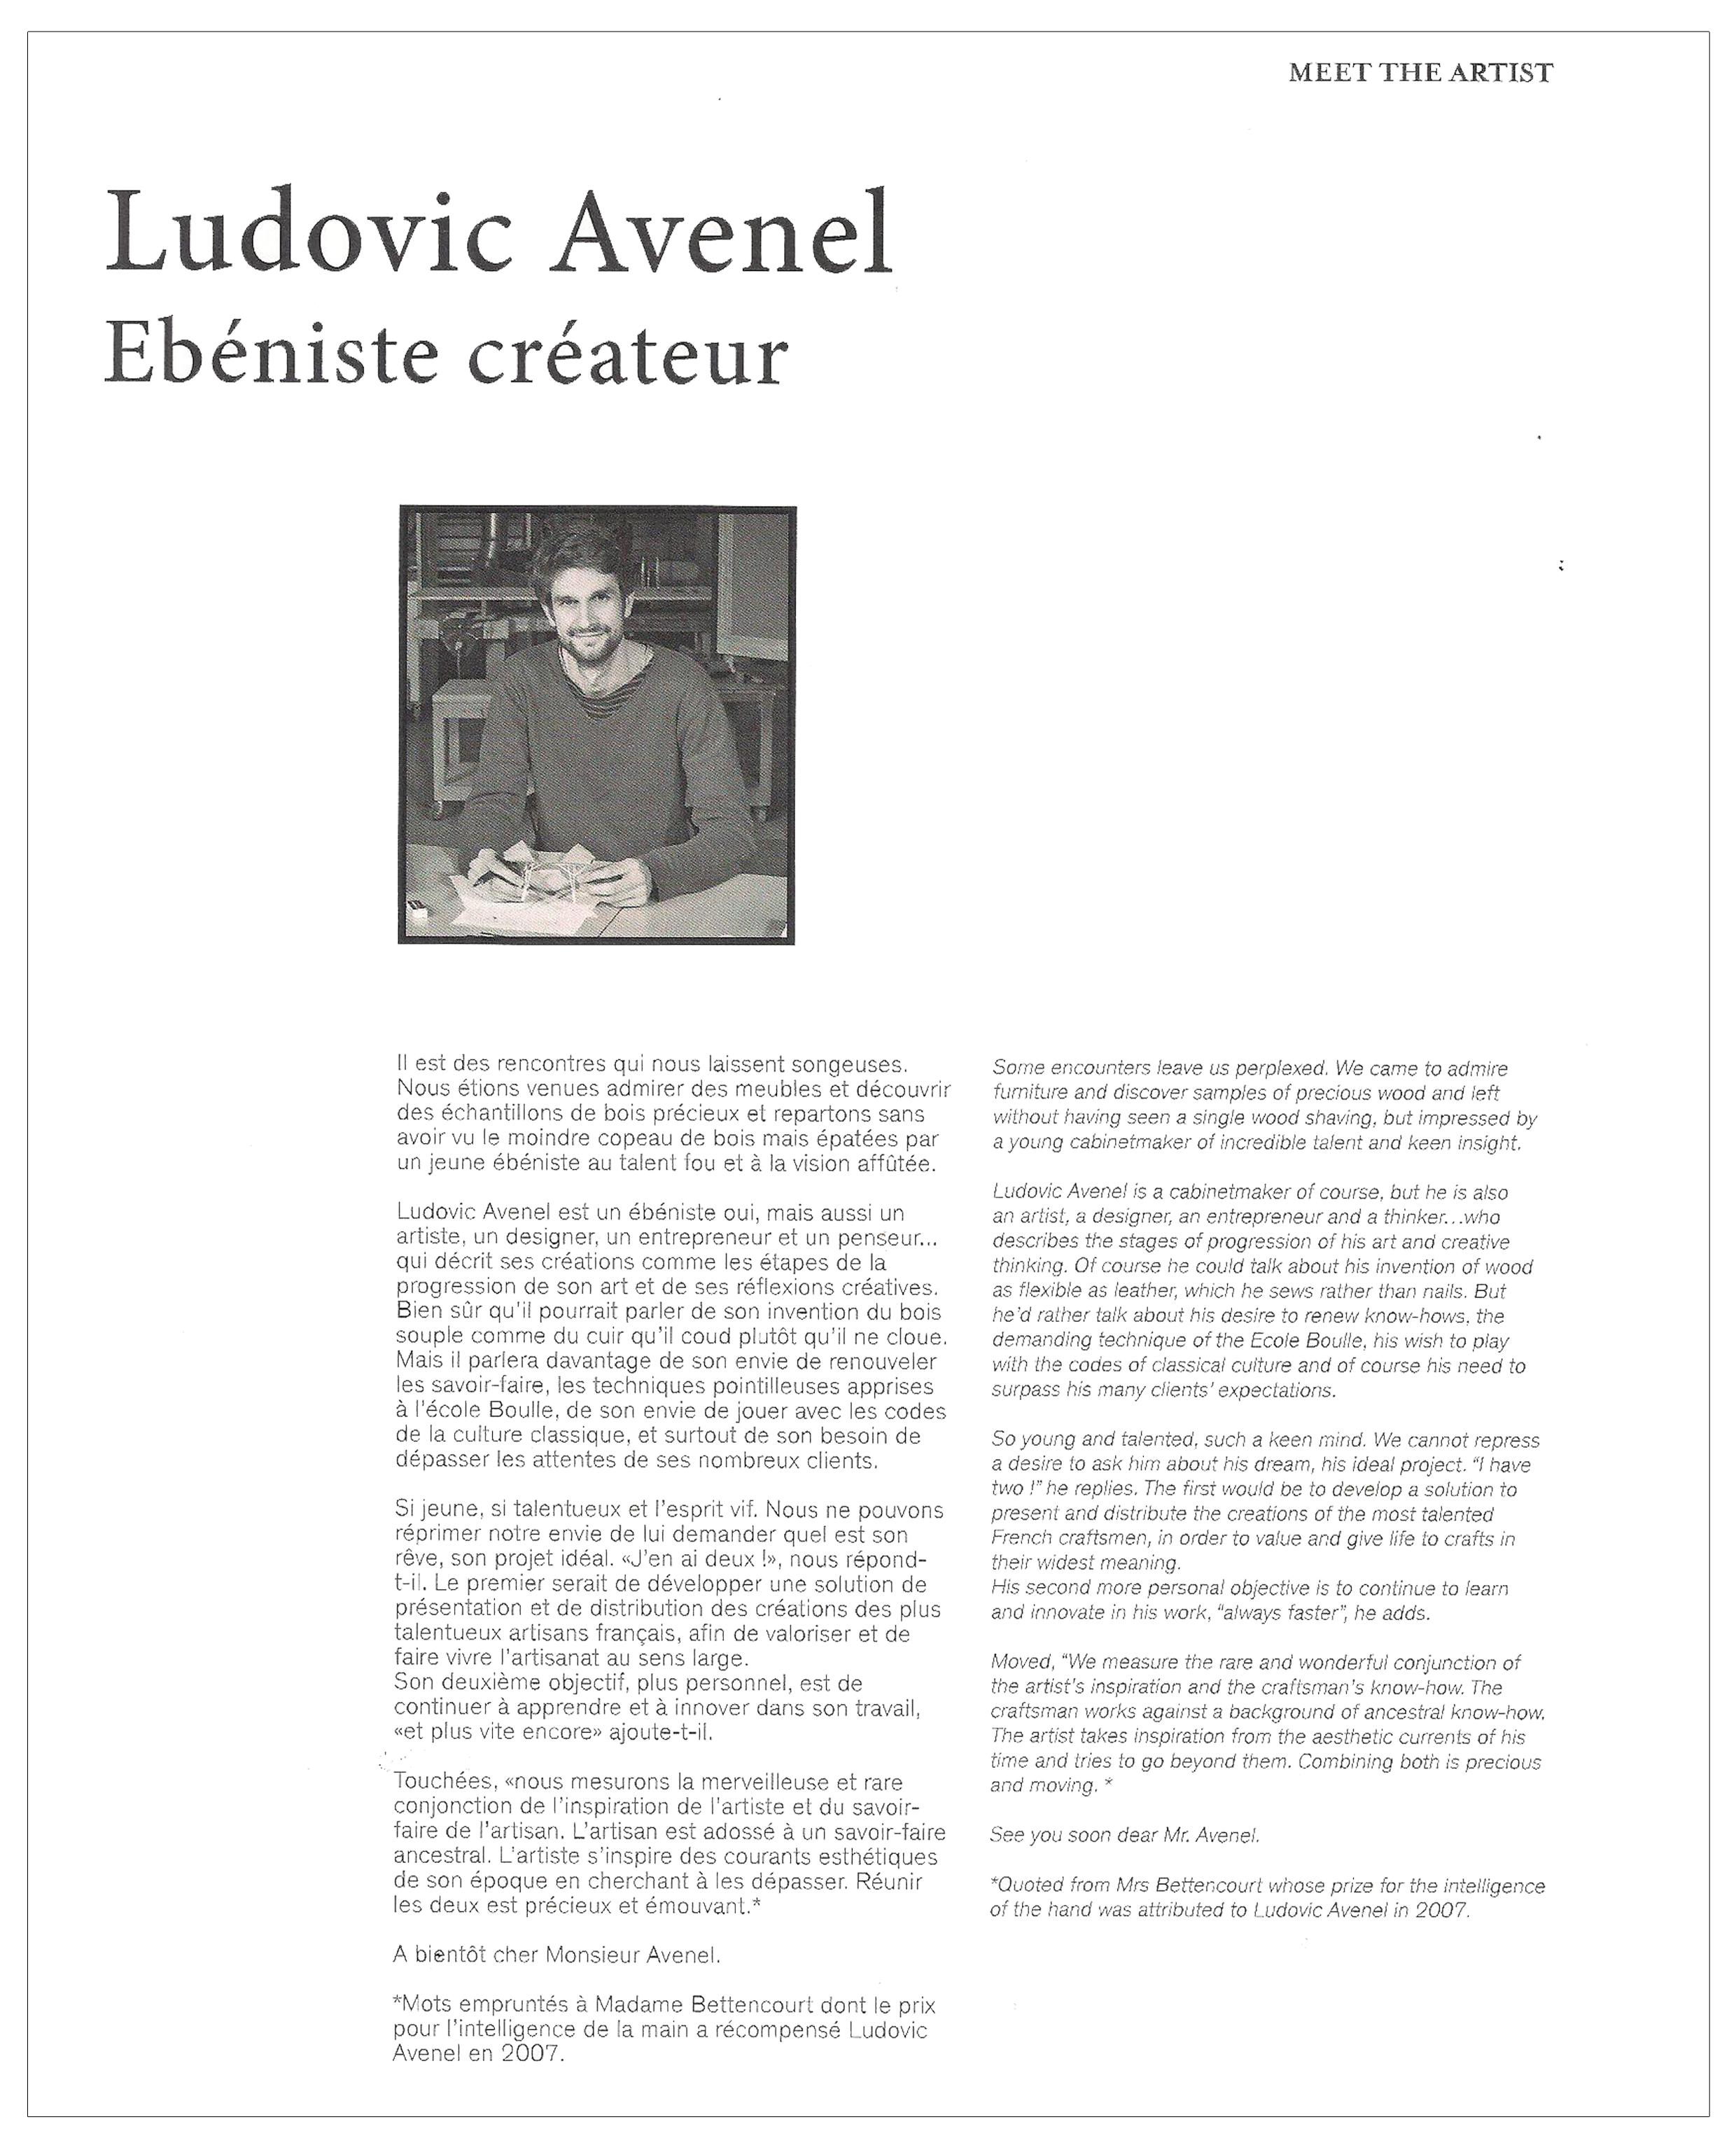 Ludovic AVENEL : ébéniste créateur - Ludovic_Avenel_press_l'aventure_créateur_design_sur mesure_2